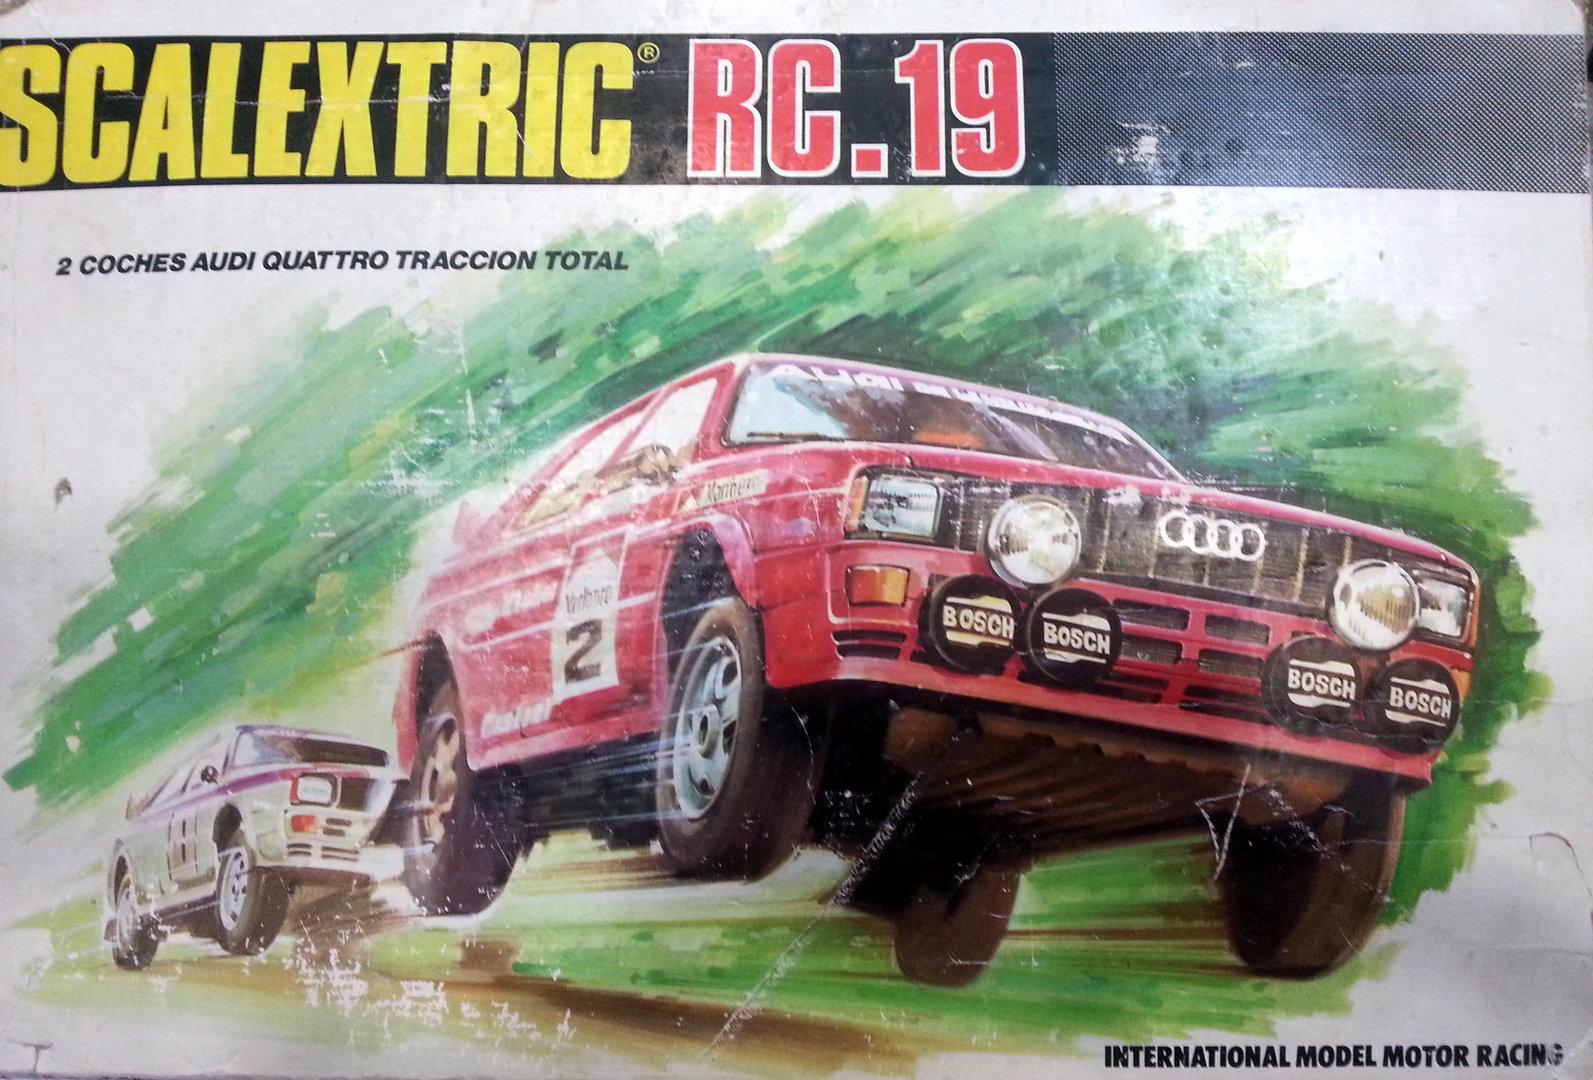 Circuito Rc : Circuito rc 19 audi quatro solo caja exin